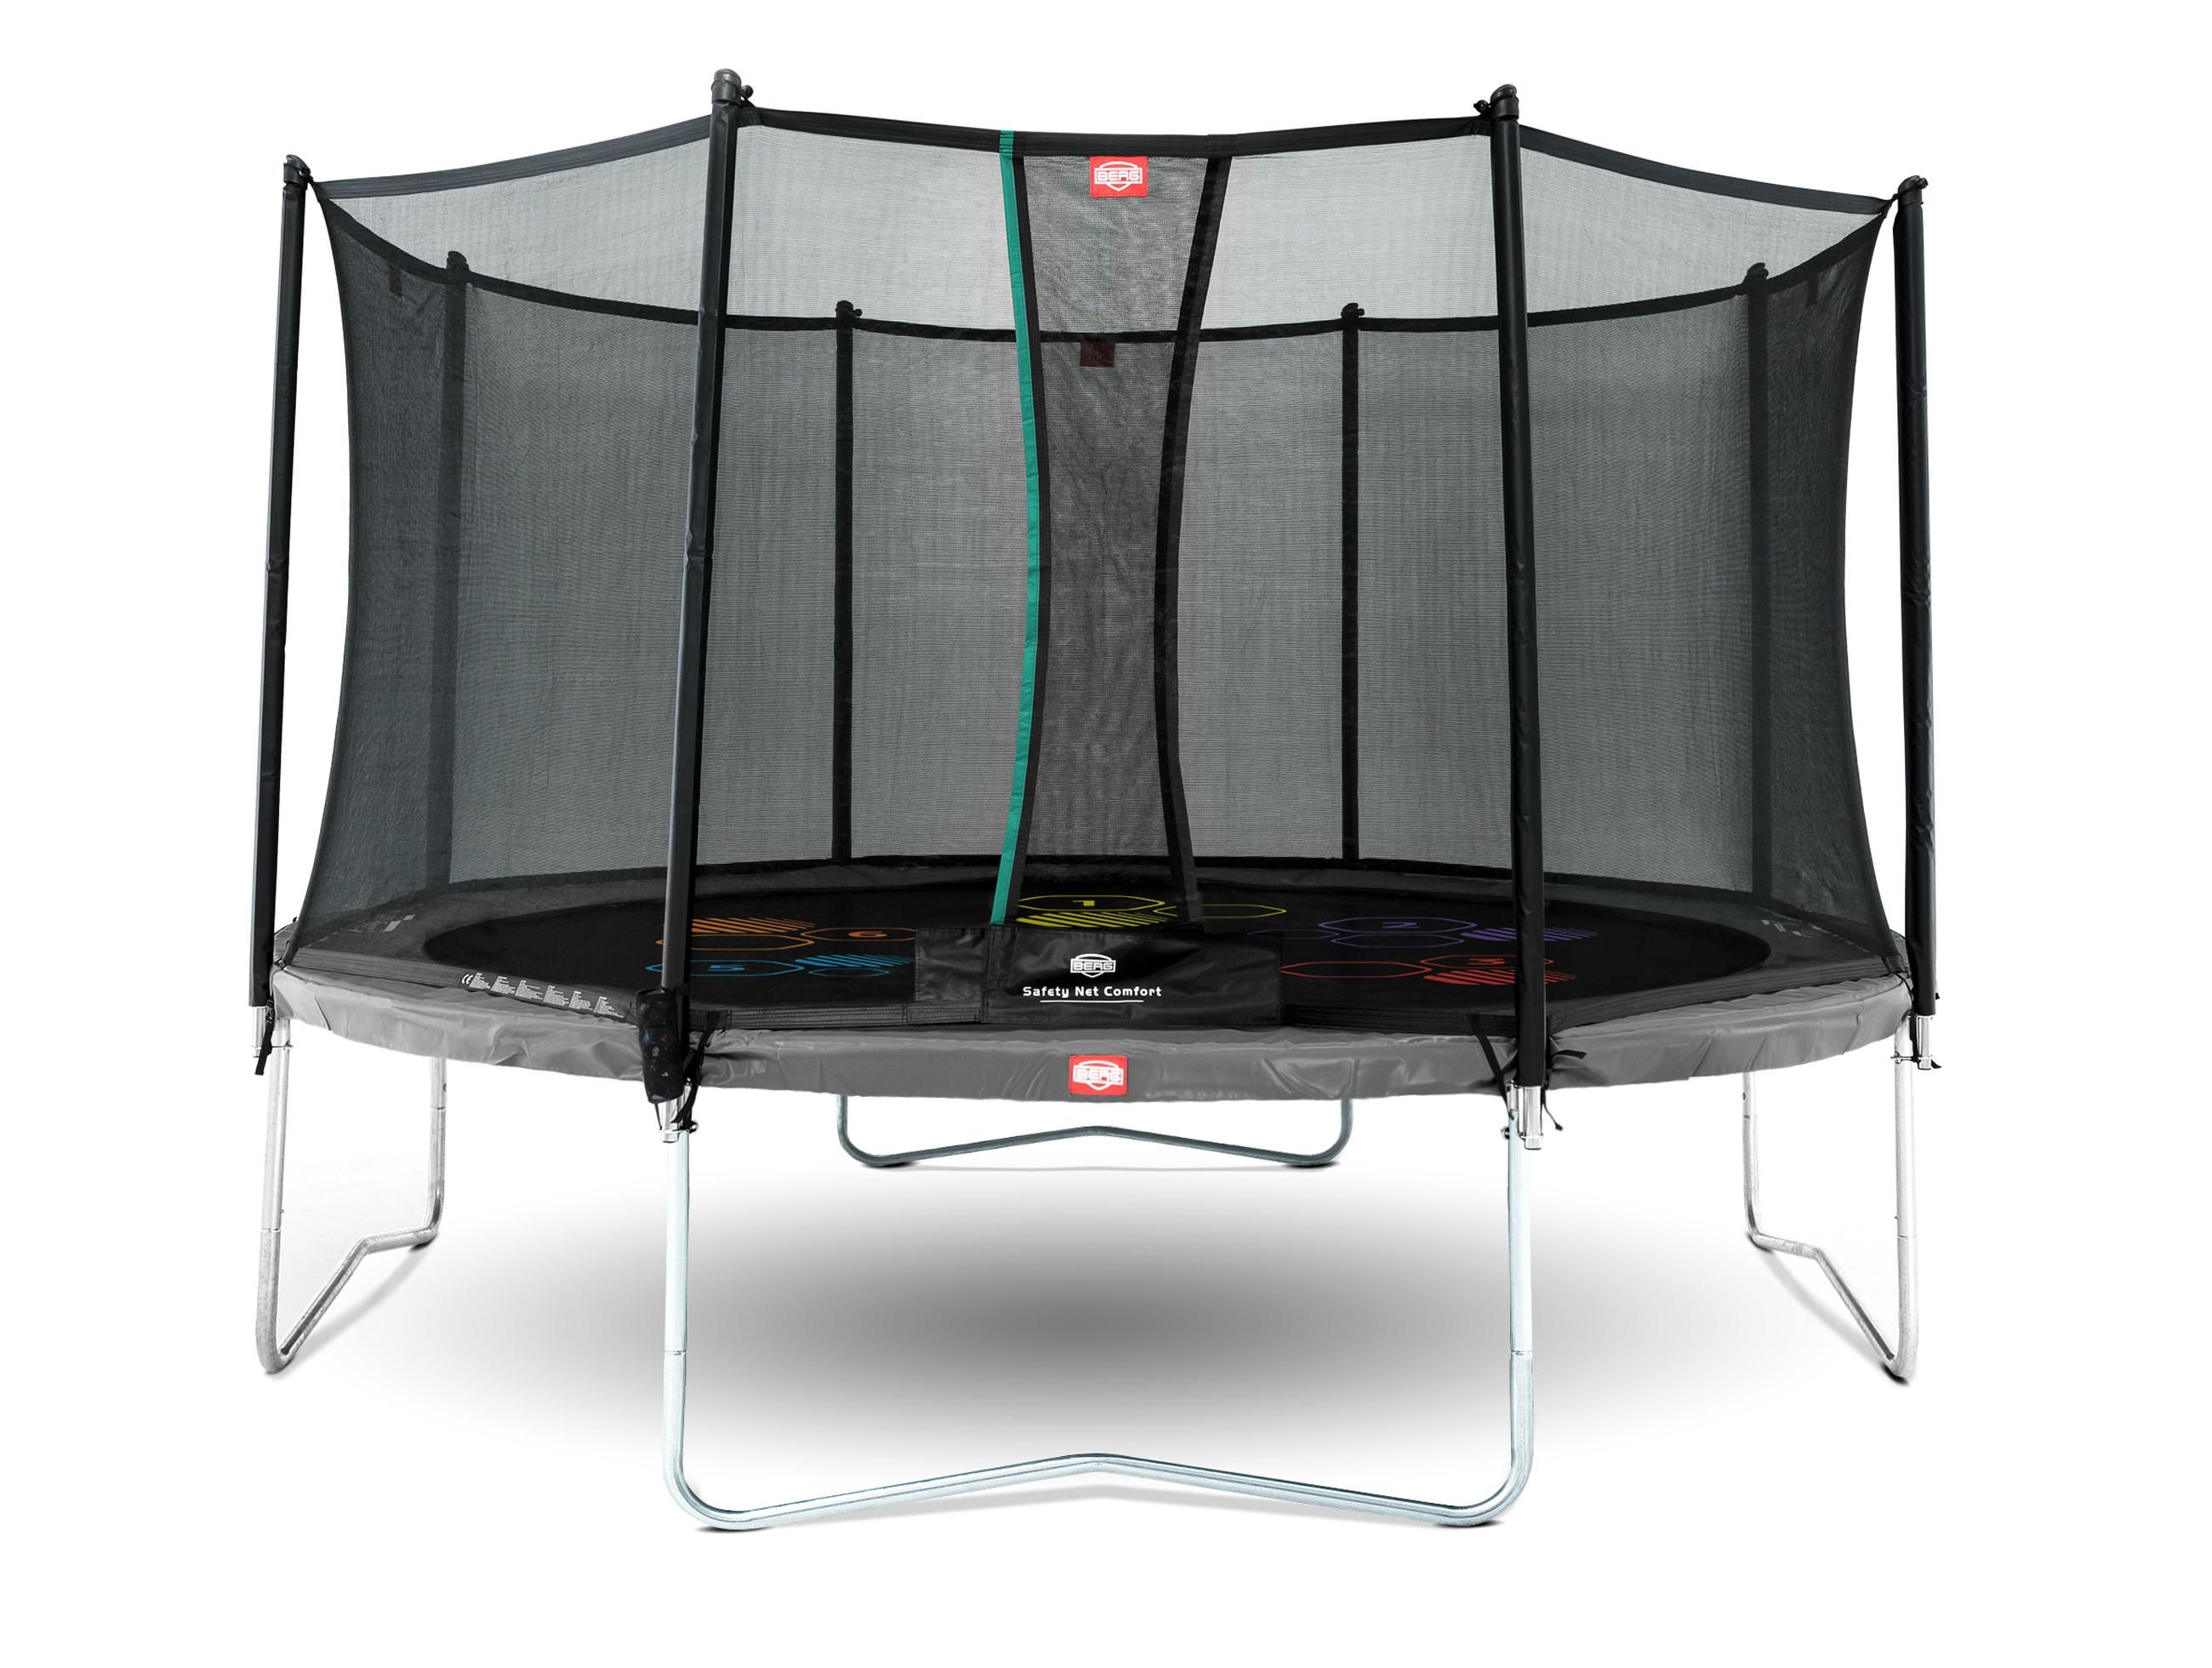 Trampolin Favorit Levels grau Sicherheitsnetz Comfort Ø430cm BERG toys Bild 1